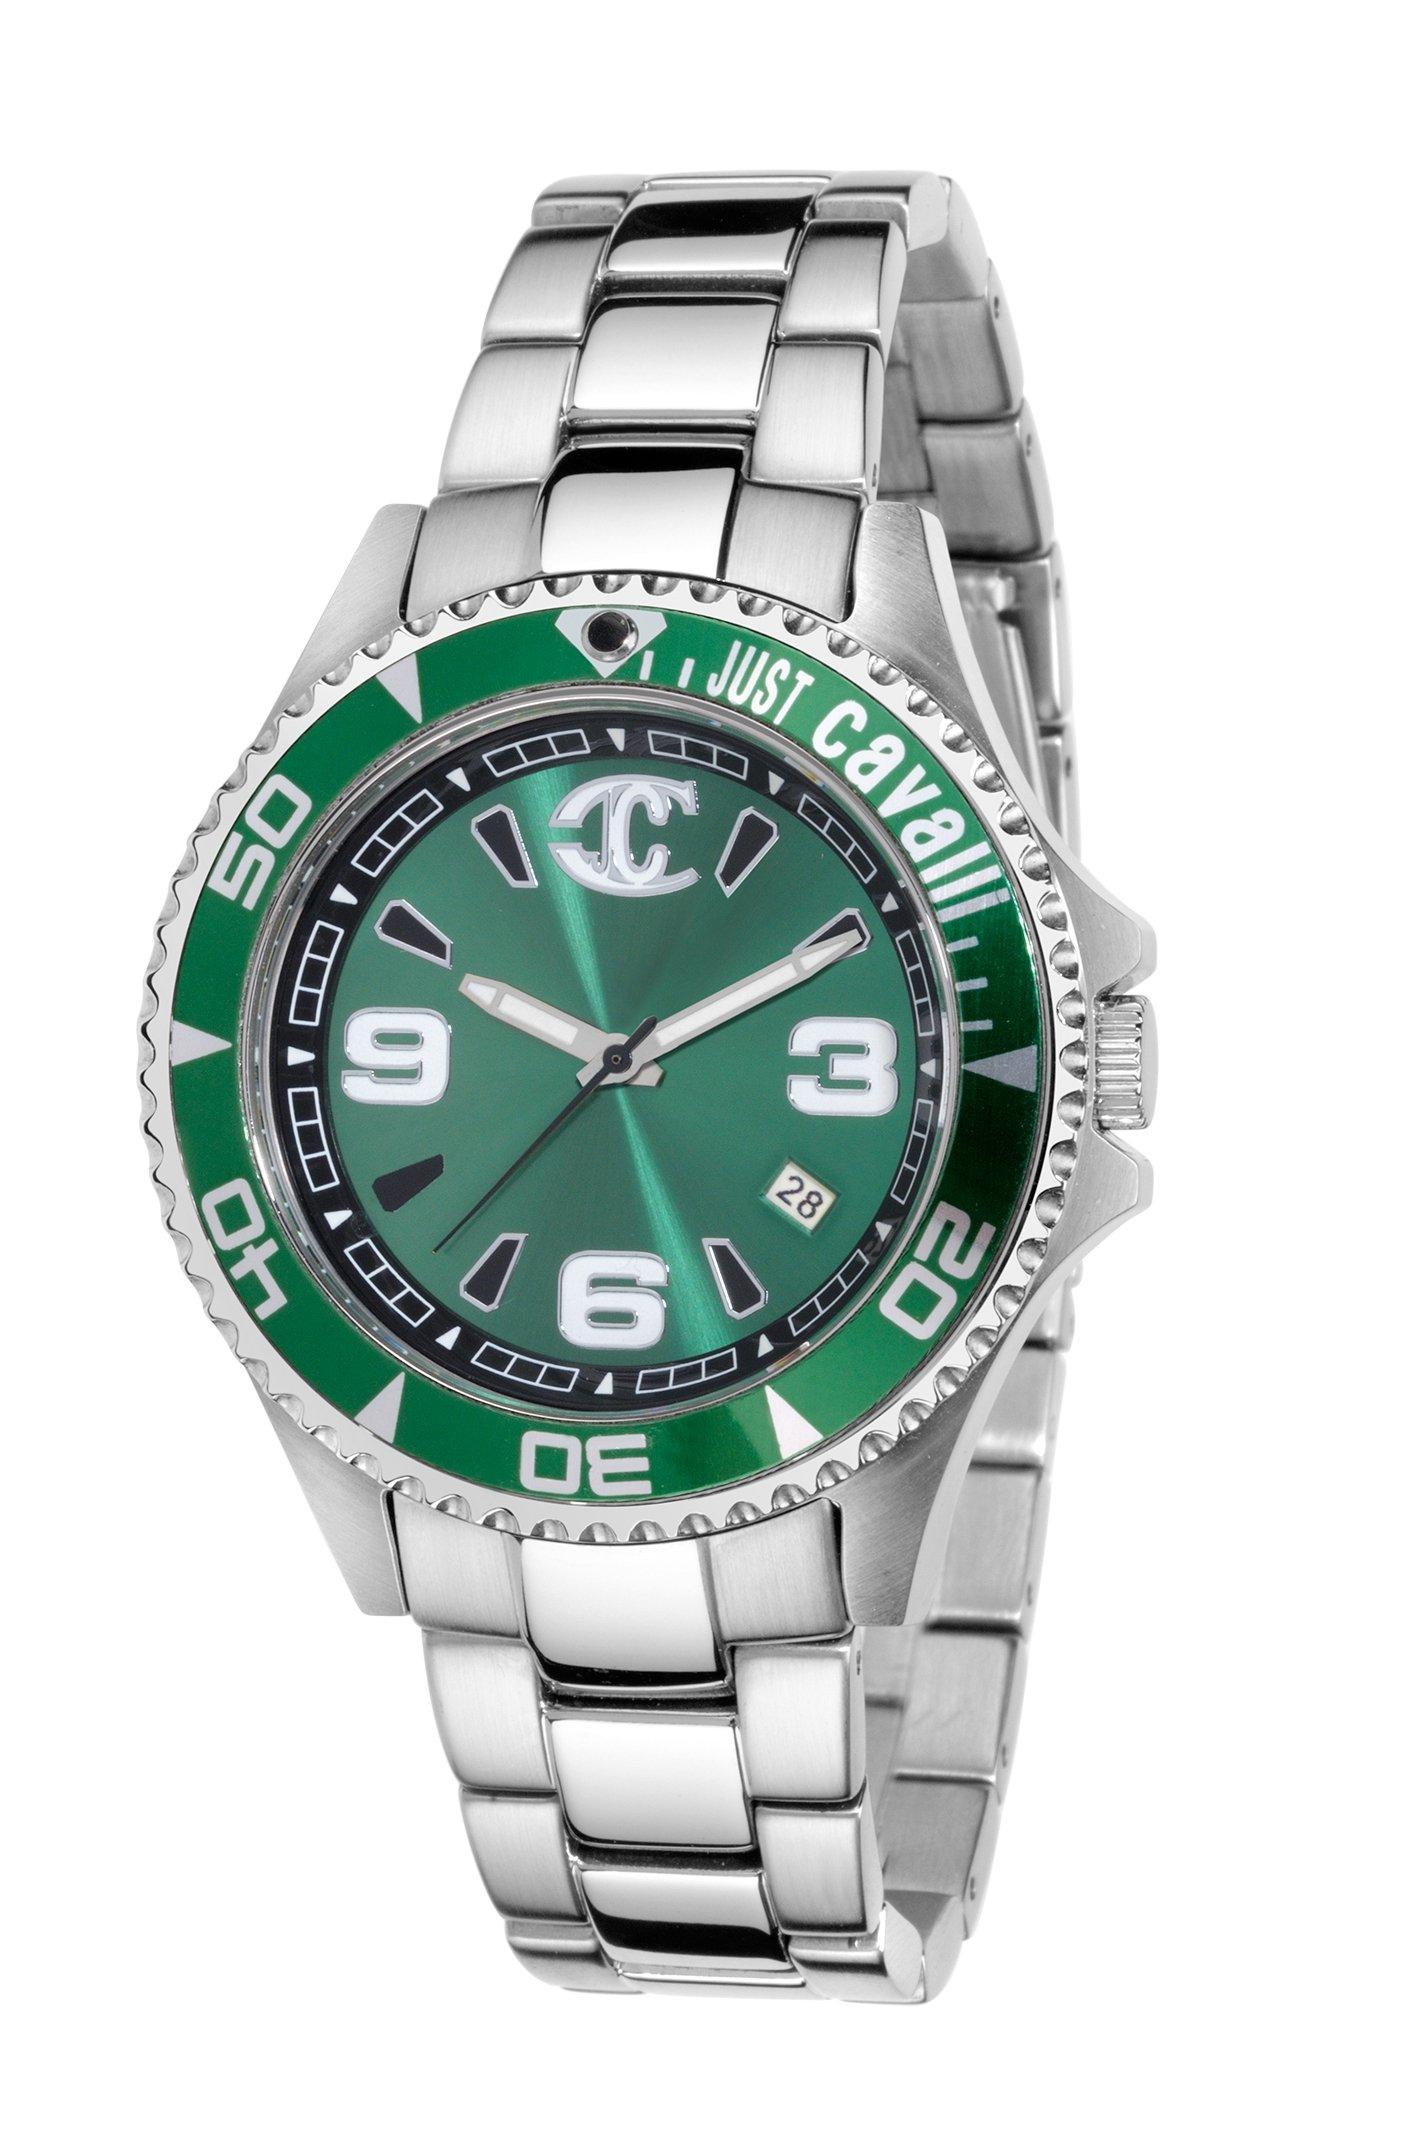 Just Cavalli Reloj R7253141095 – Mujer